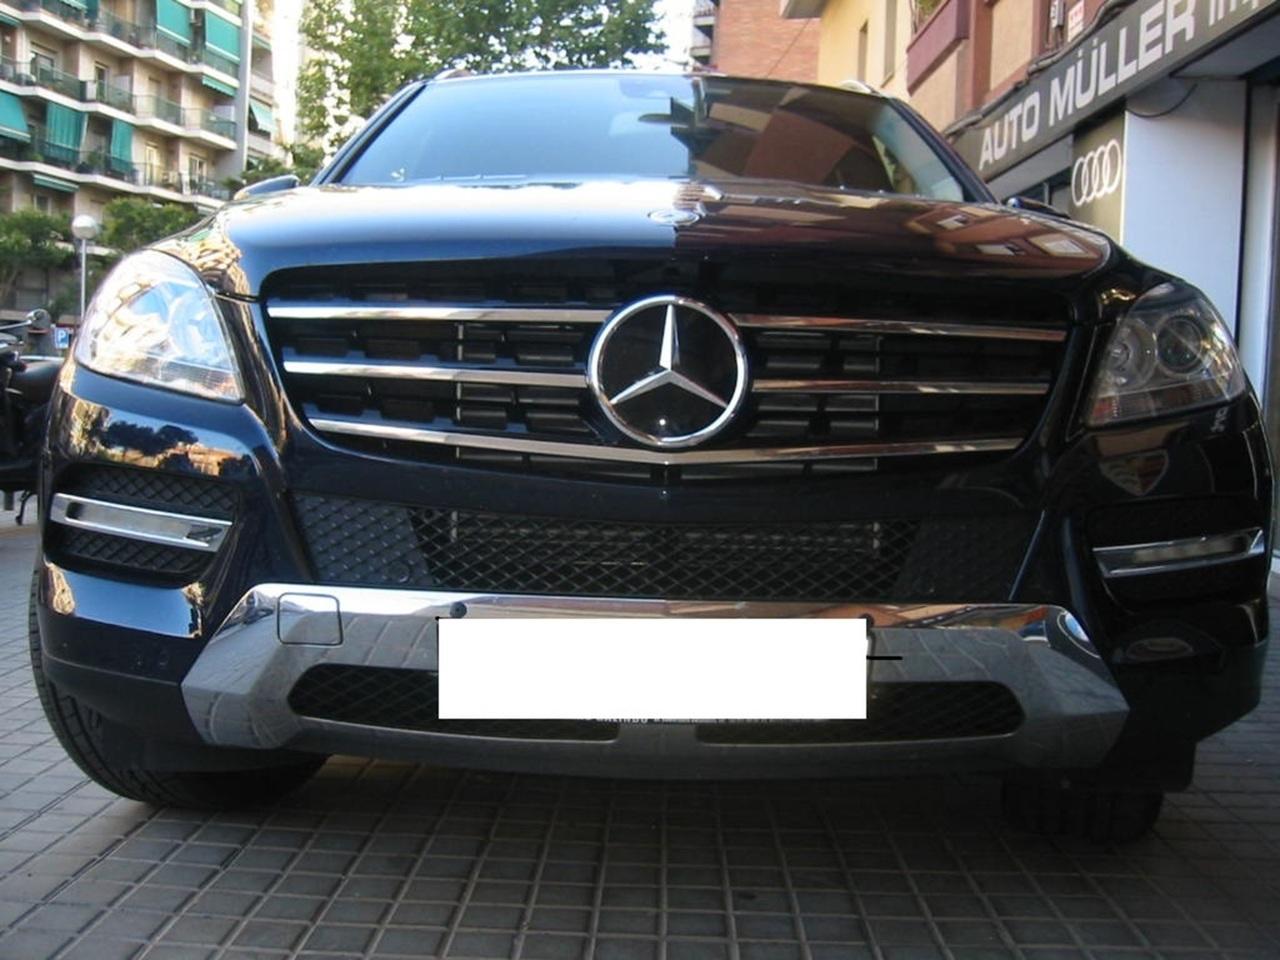 Mercedes Clase M ML 350 cdi BlueTec 4M   - Foto 1